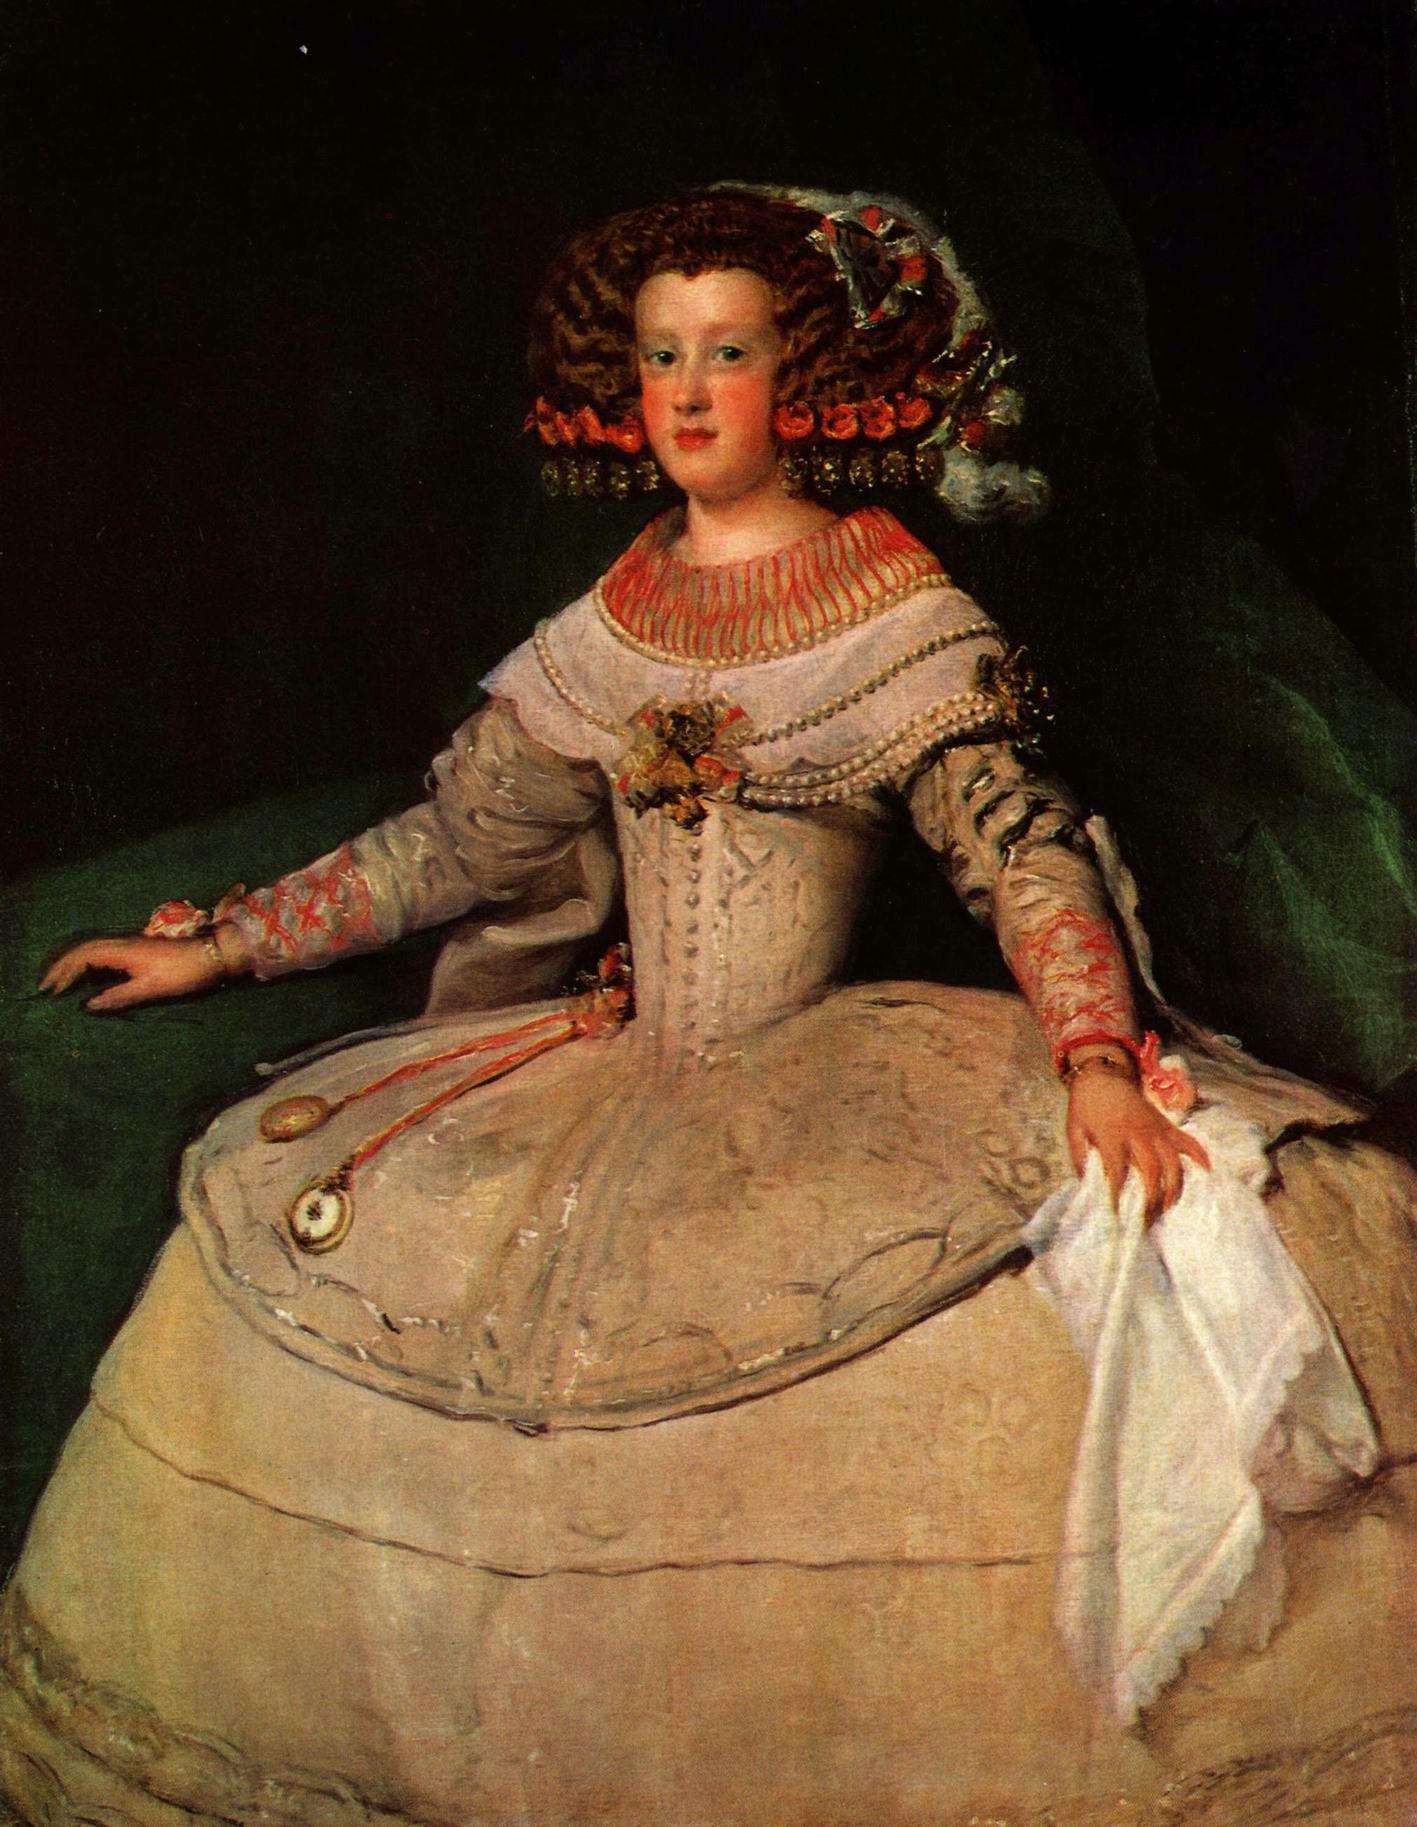 Портрет инфанты Марии Терезии в 14-летнем возрасте, Диего Веласкес